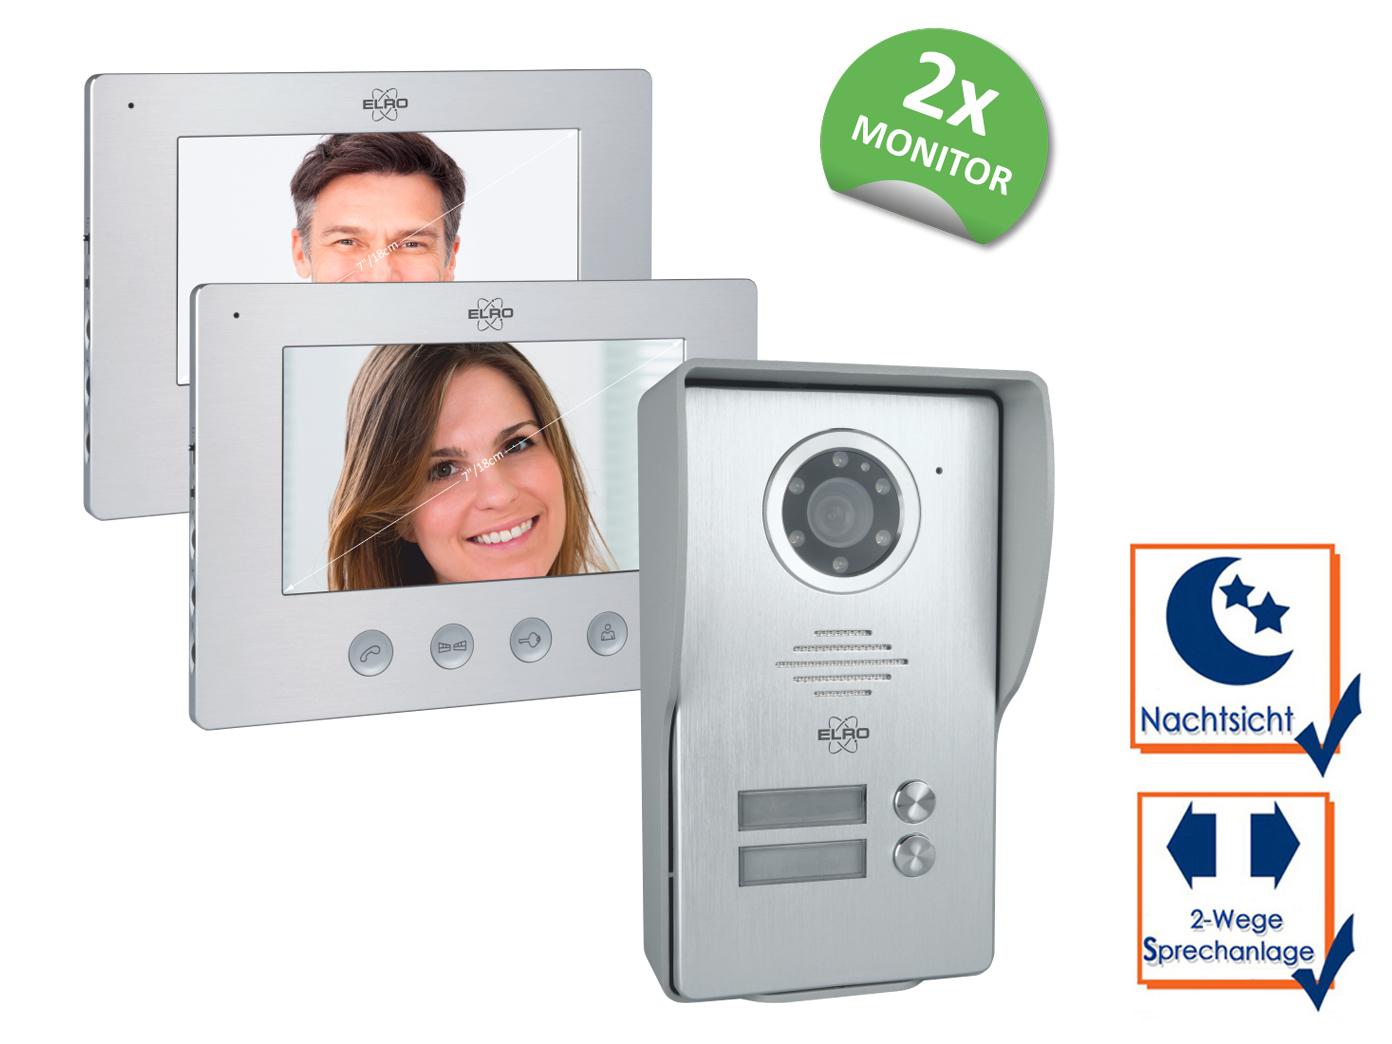 video klingelanlage mit türöffner, gegensprechanlage kamera für